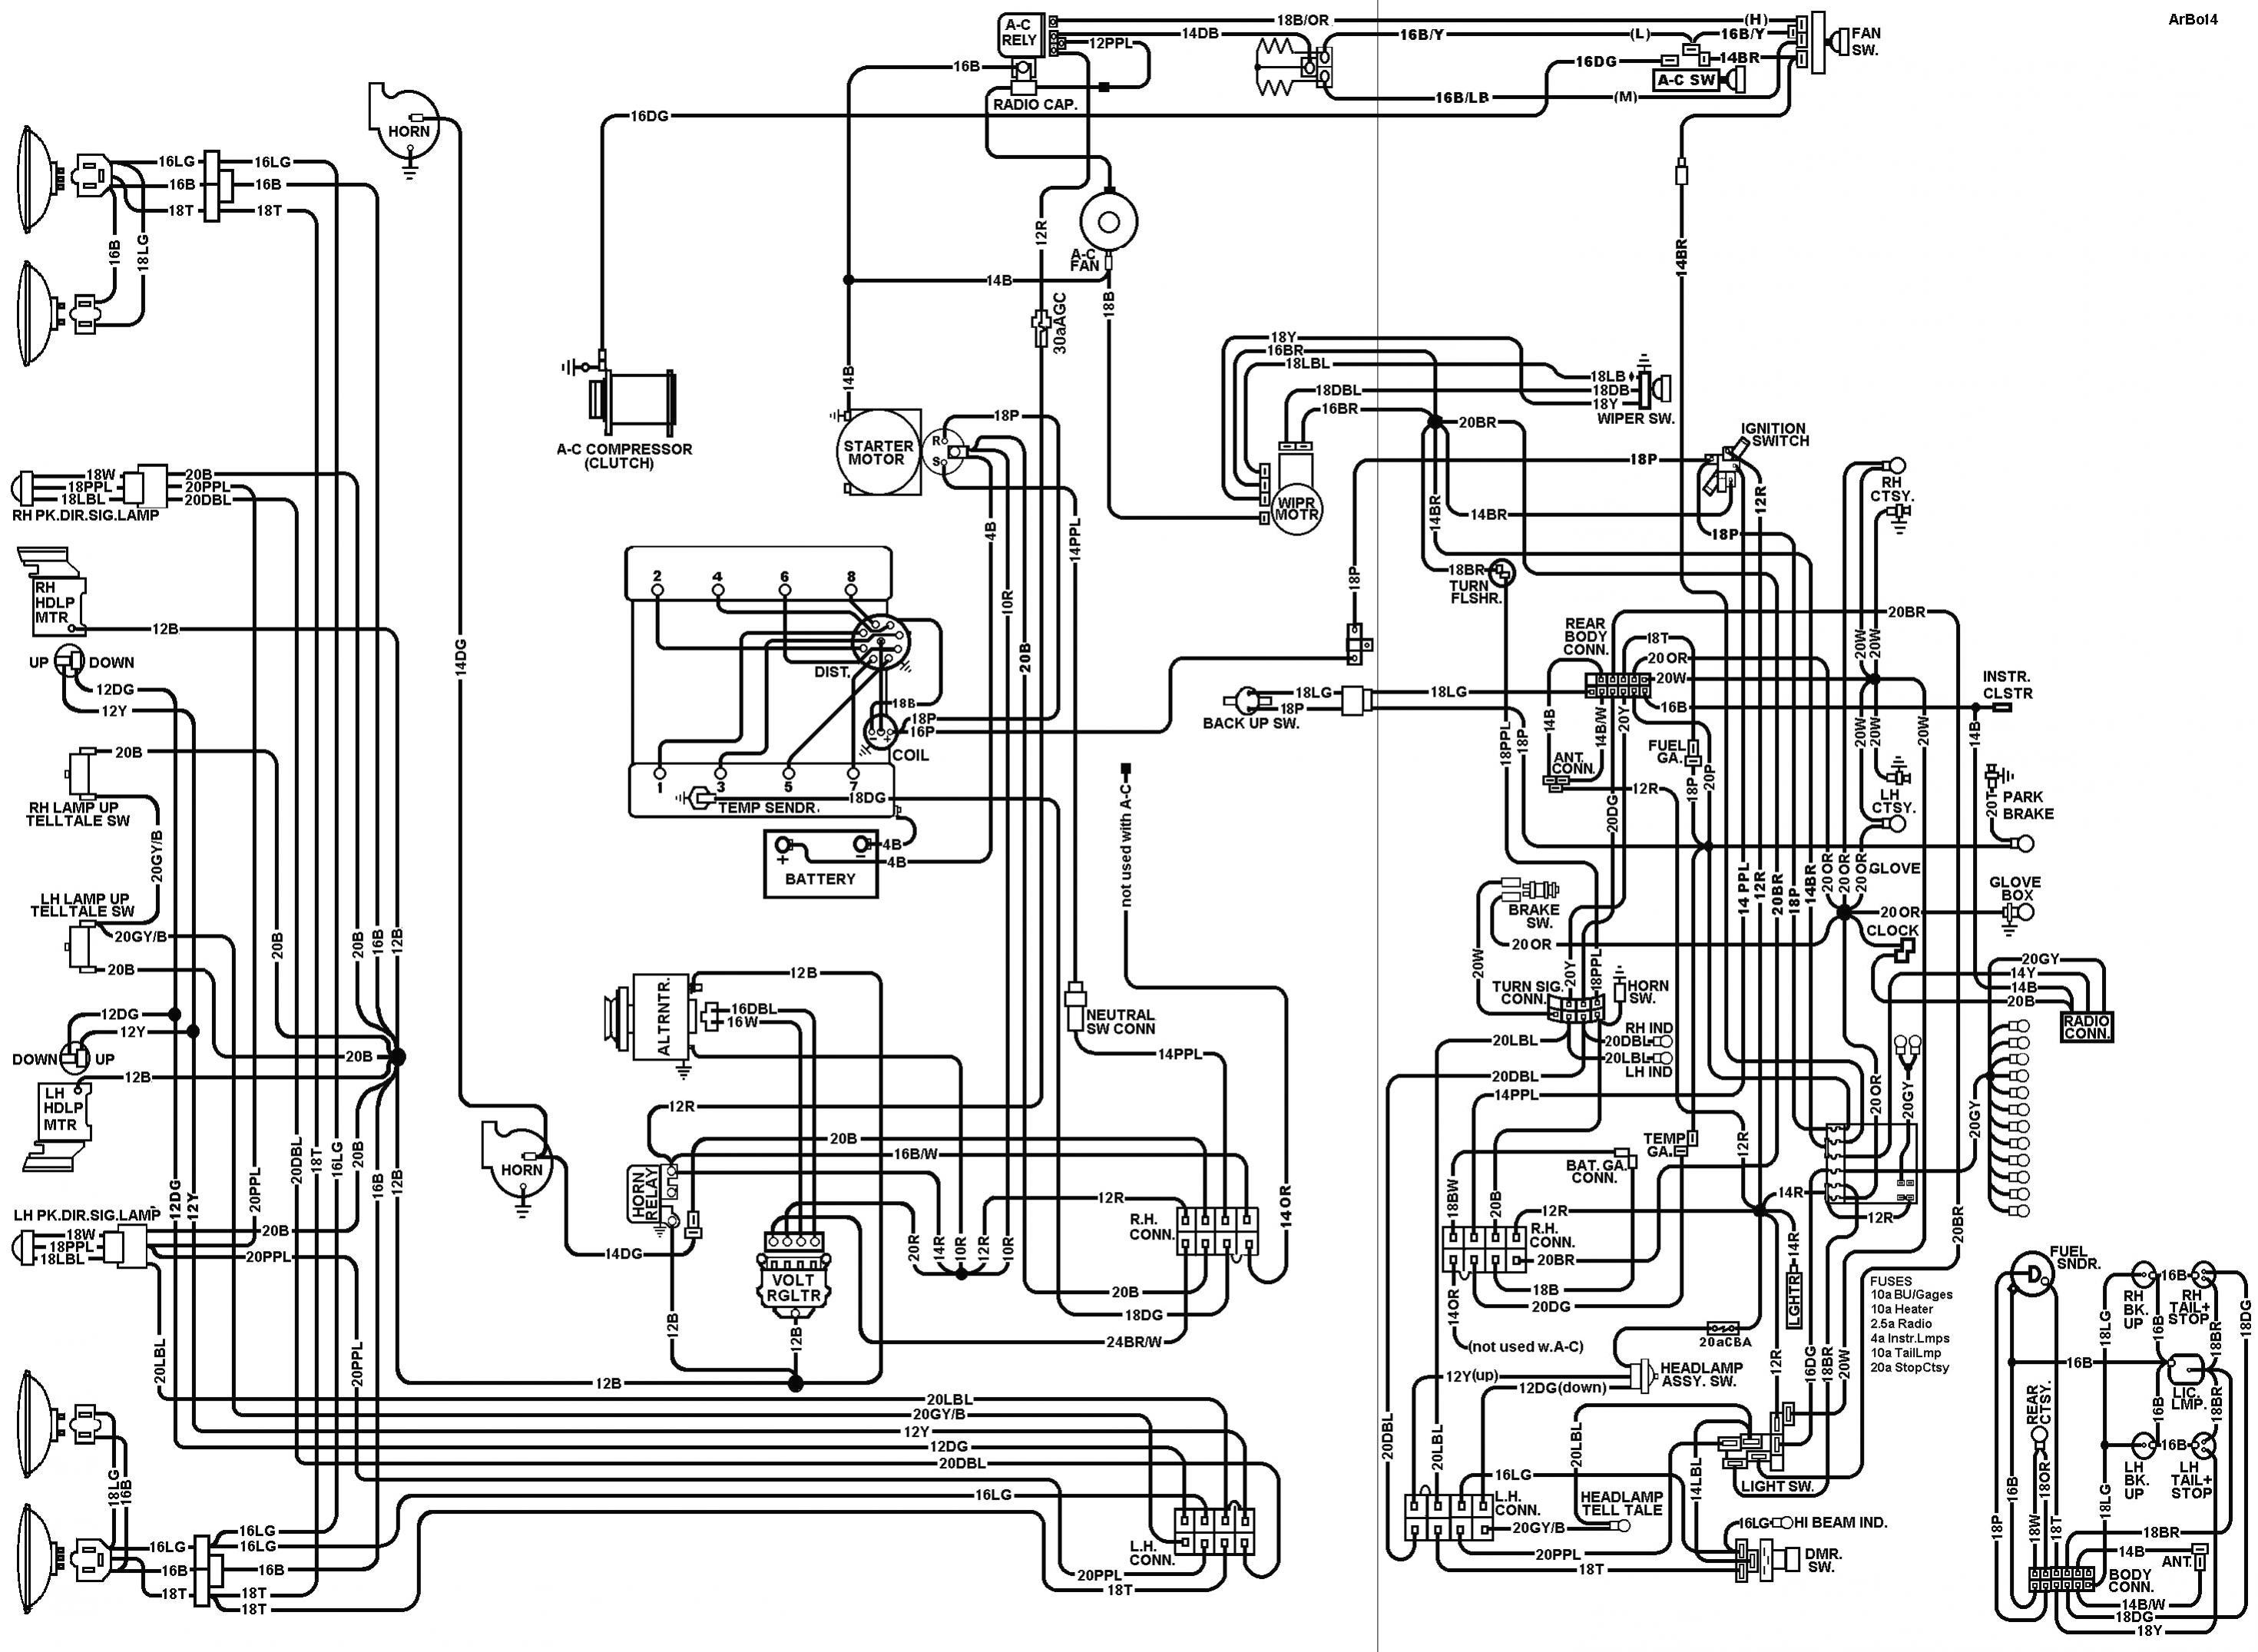 74 corvette wiring schematic download wiring diagram